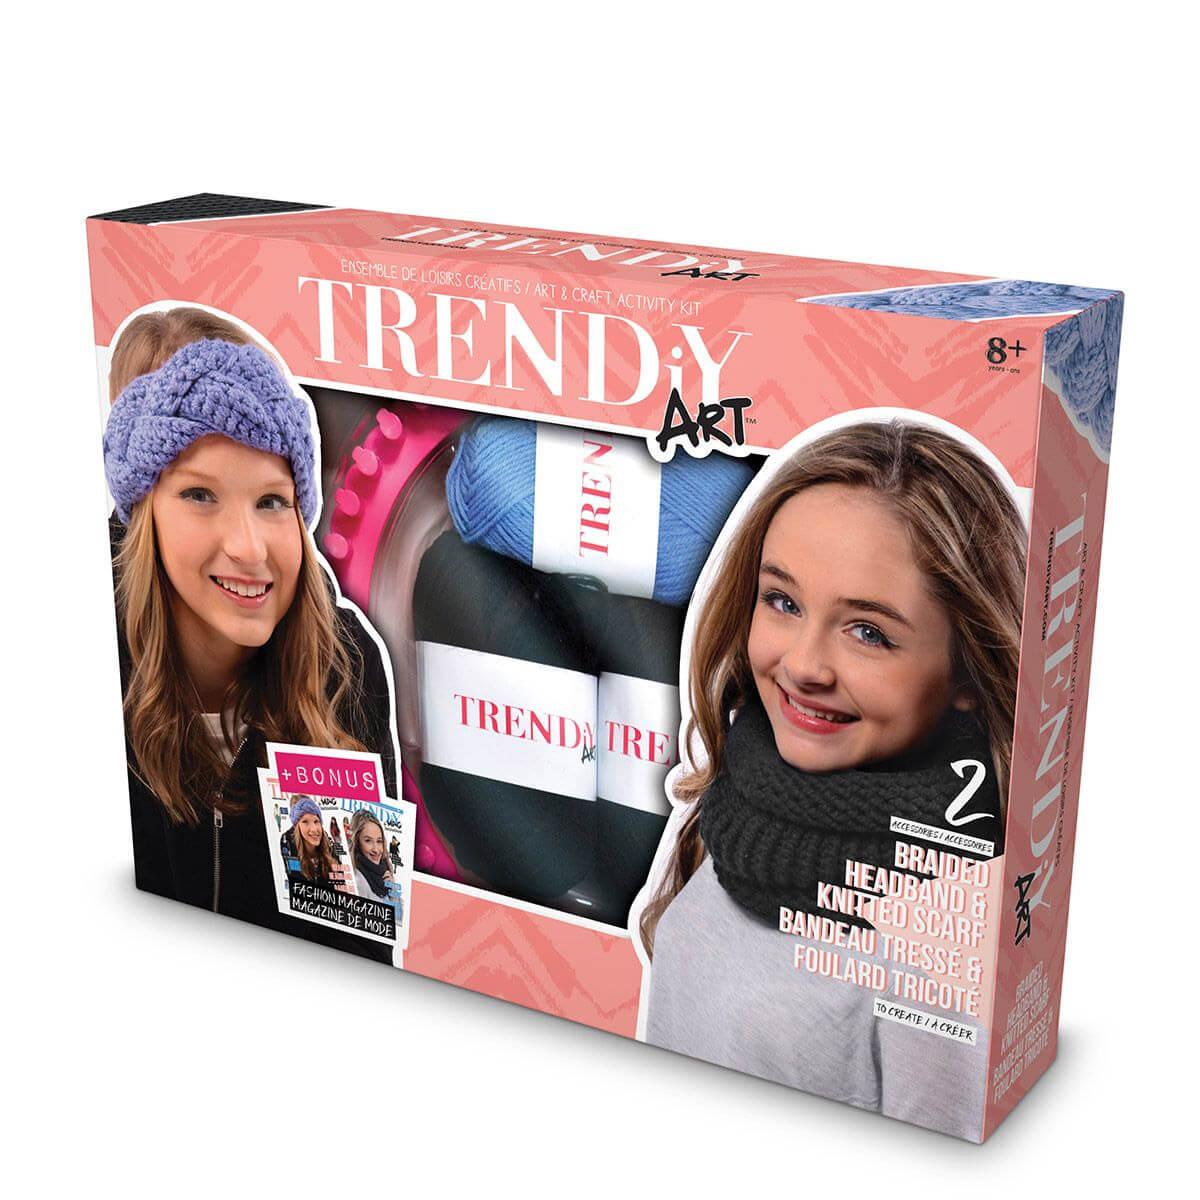 Kit créatif TrendiY Art : Bandeau tressé et écharpe tricotée